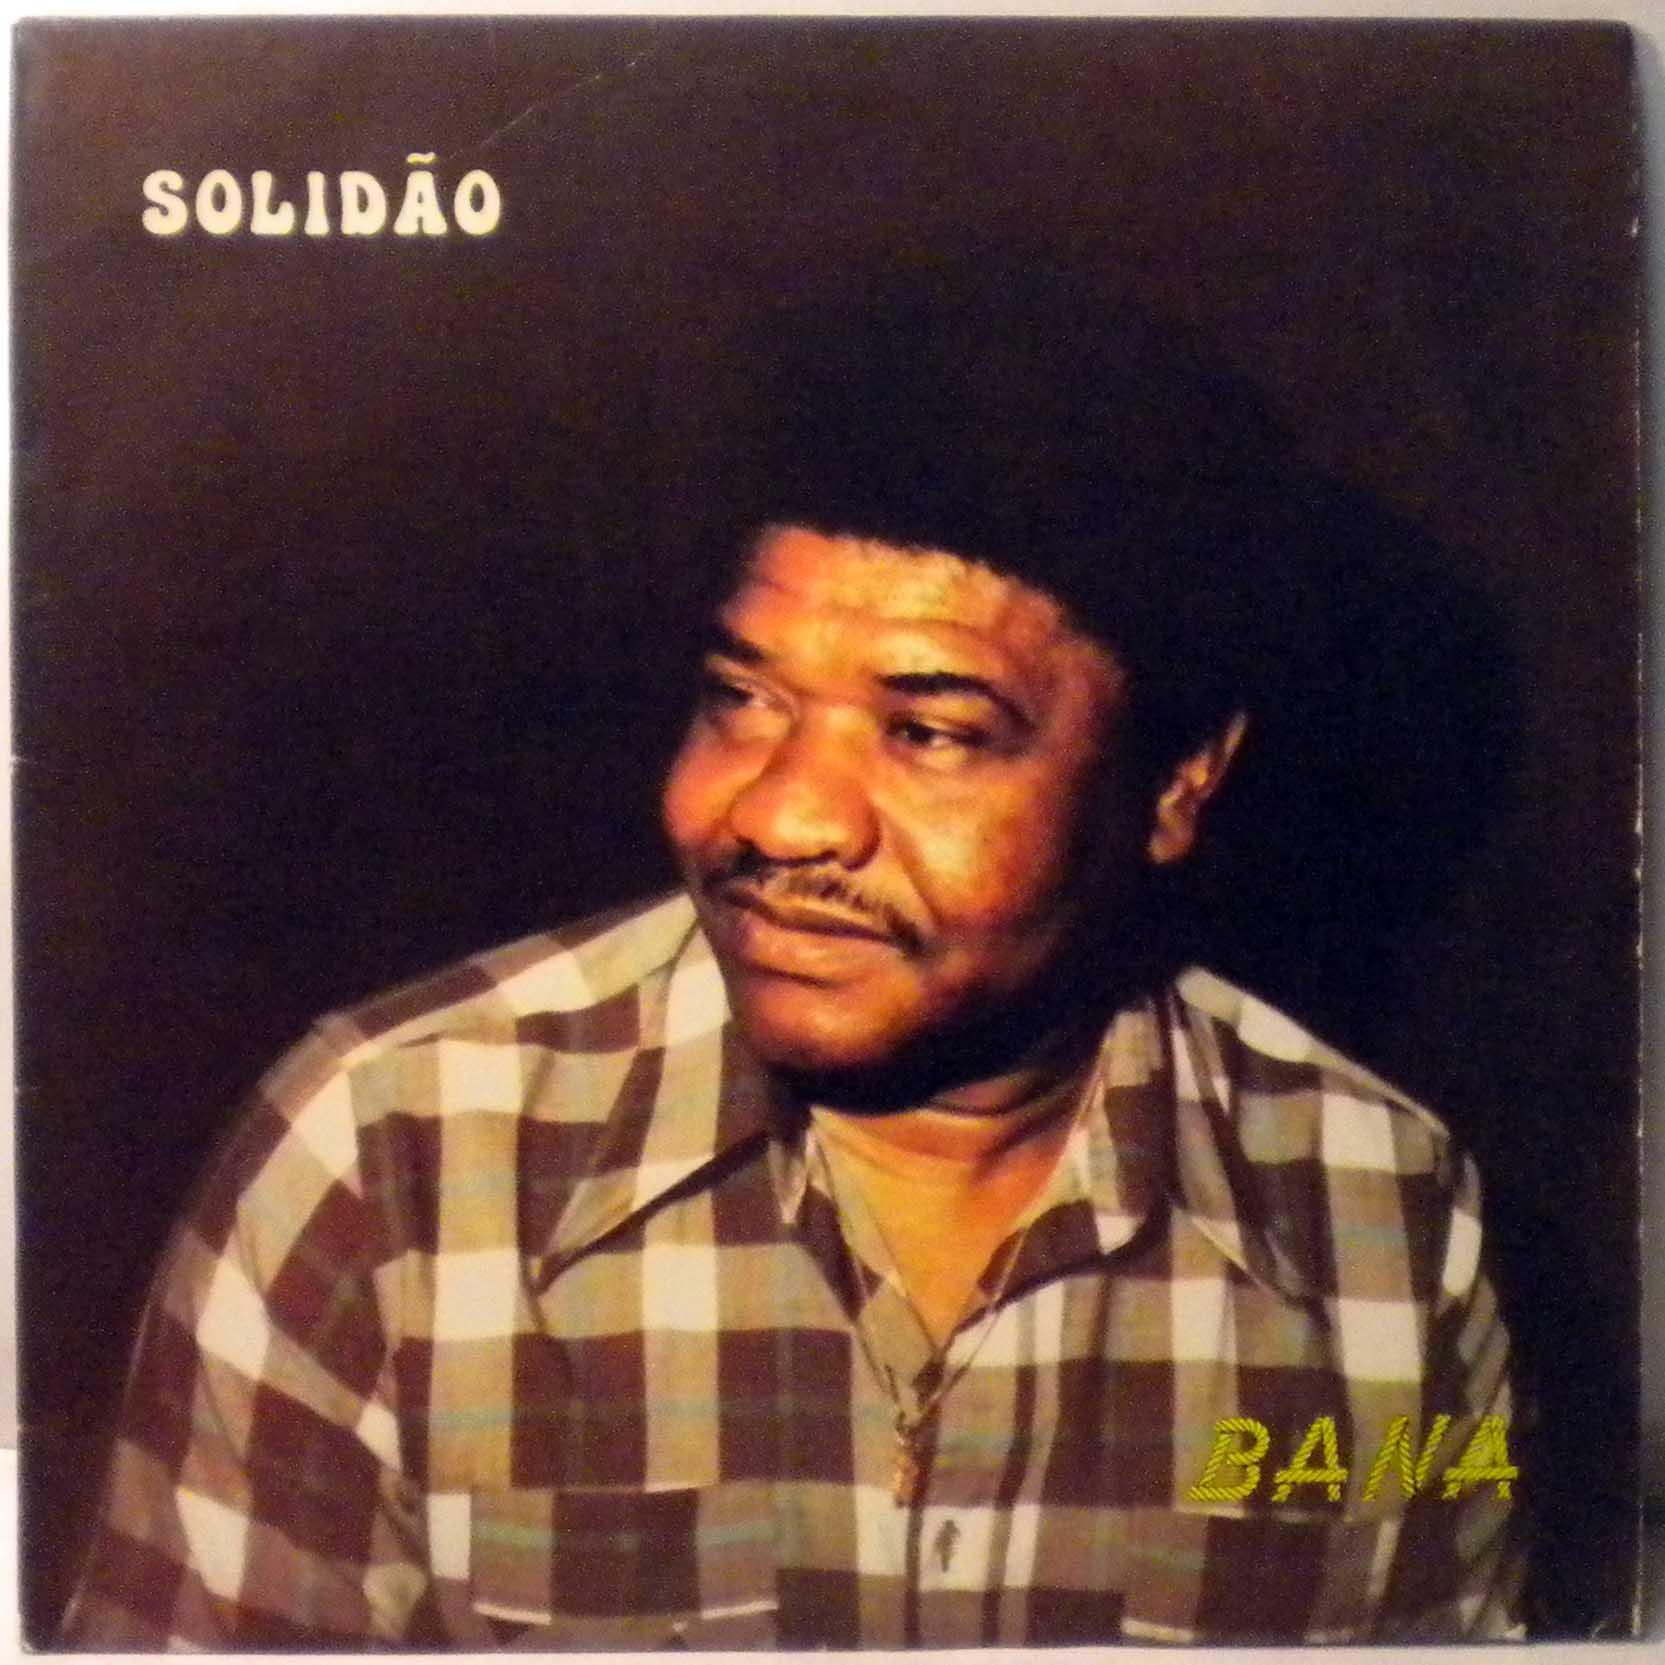 BANA - Solidao - LP